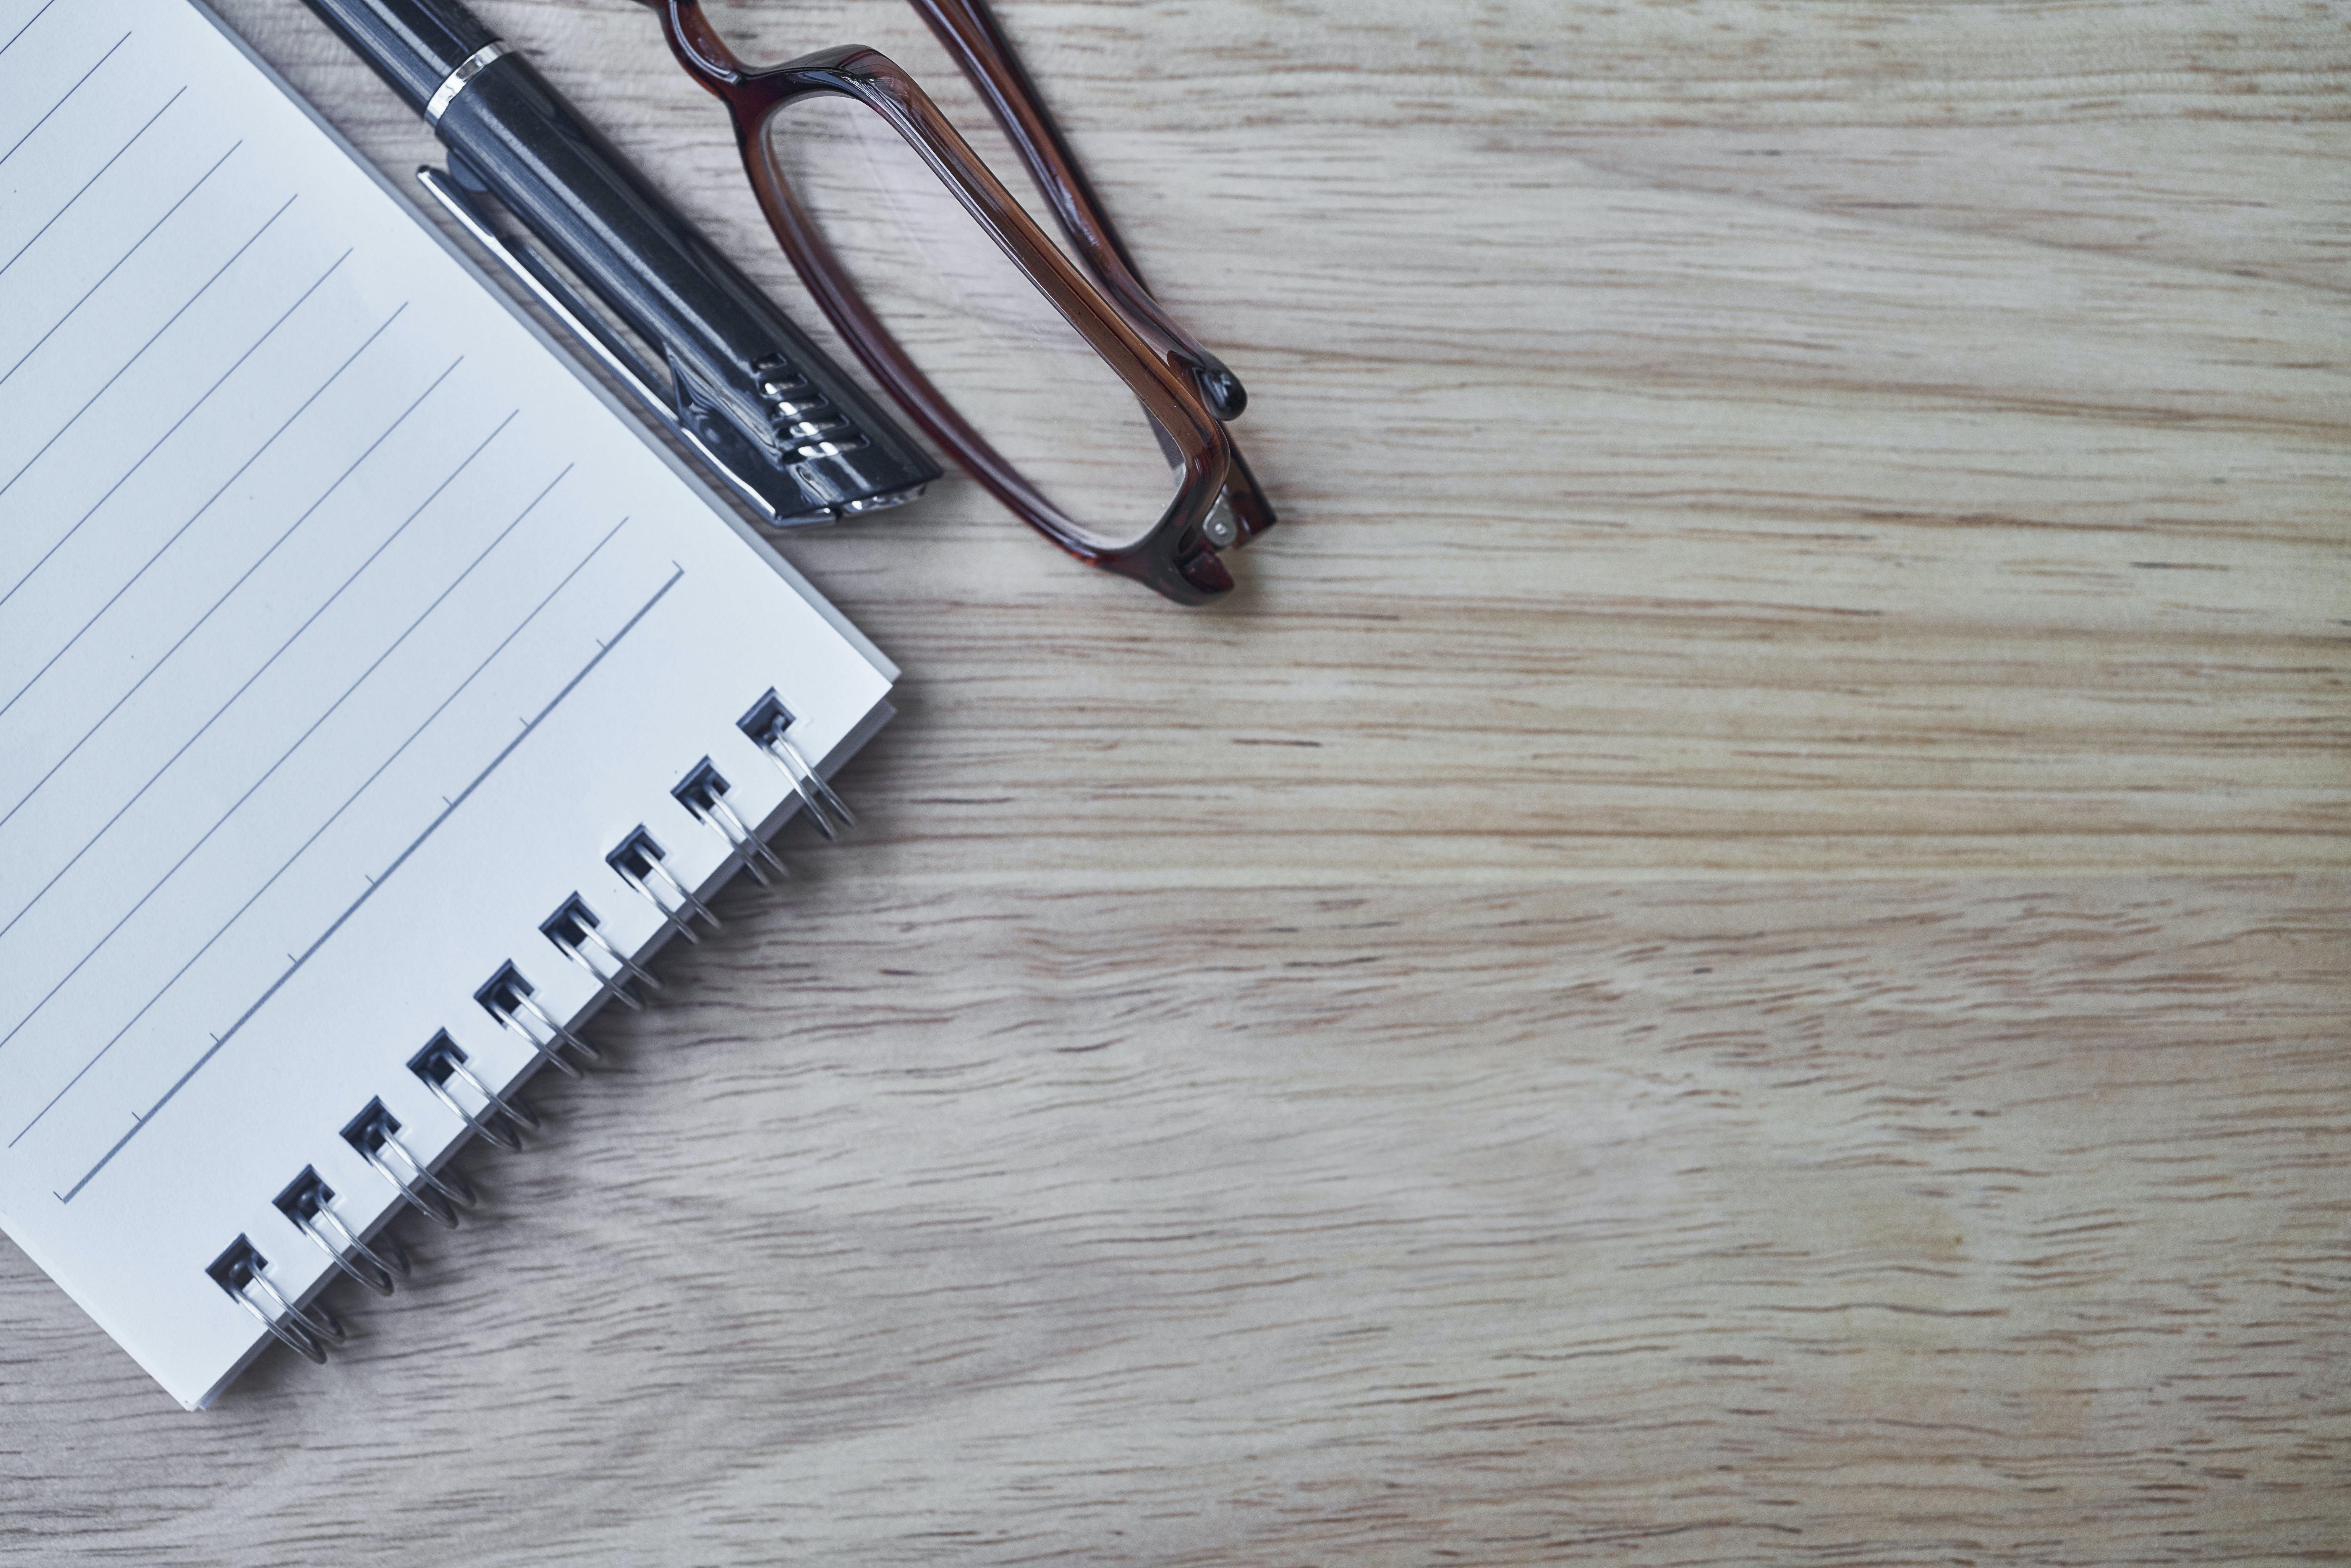 Black Ballpoint Pen Beside White Notebook